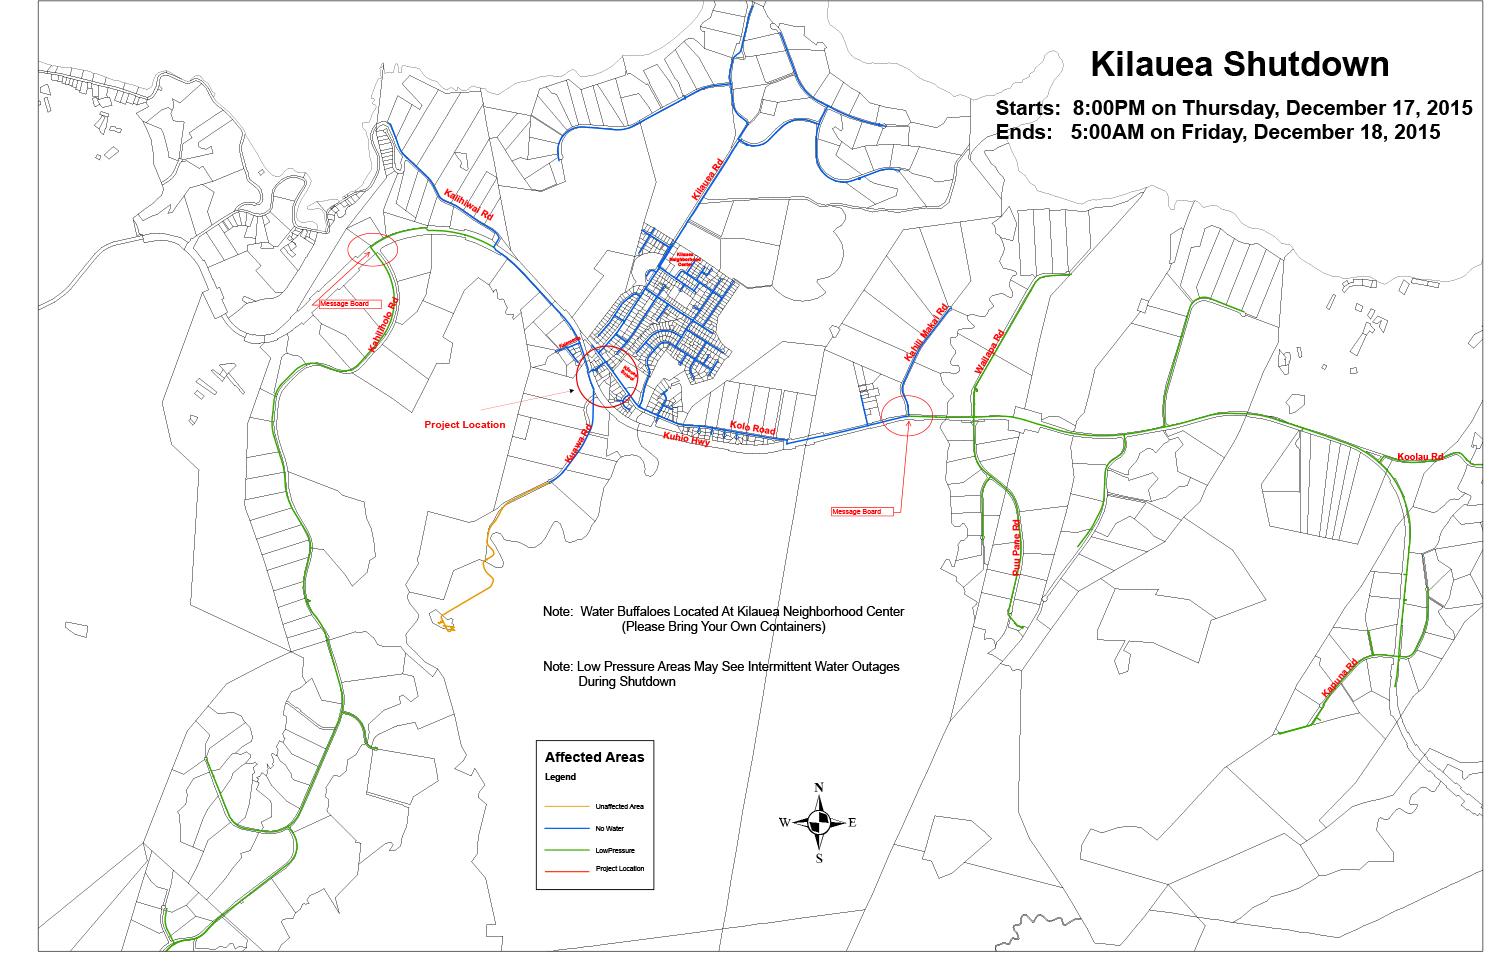 Map - Kilauea Shutdown 12-17 to 12-18 (2)_134307